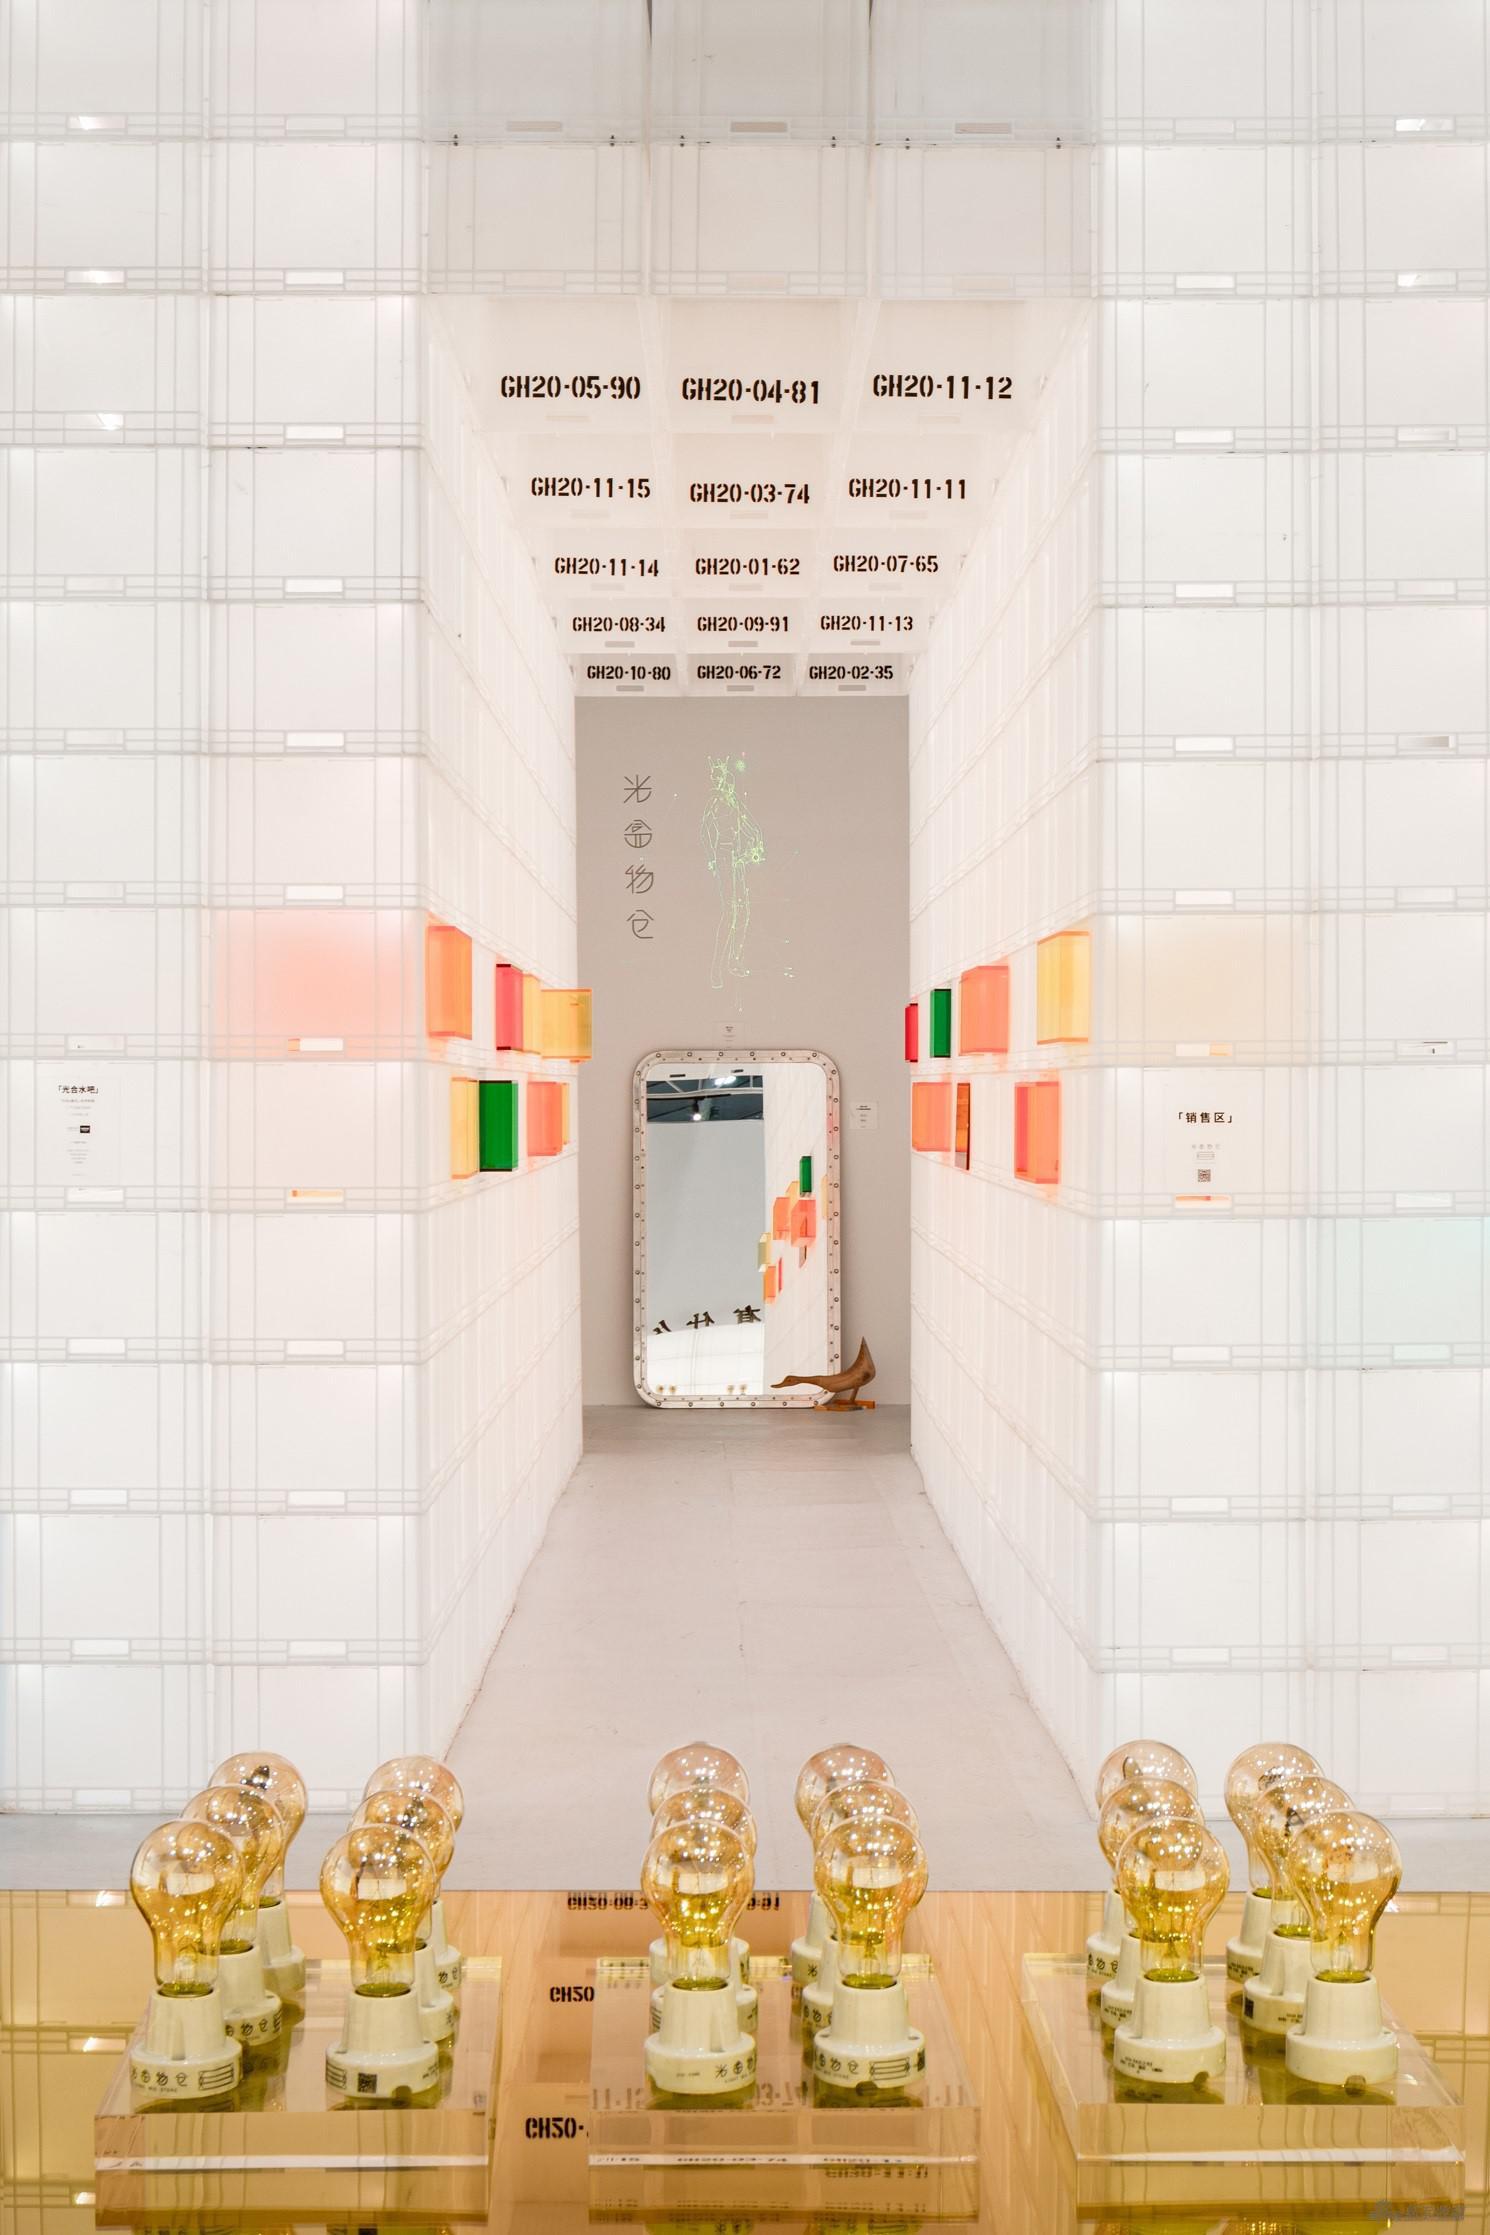 '光盒物仓'体验走廊